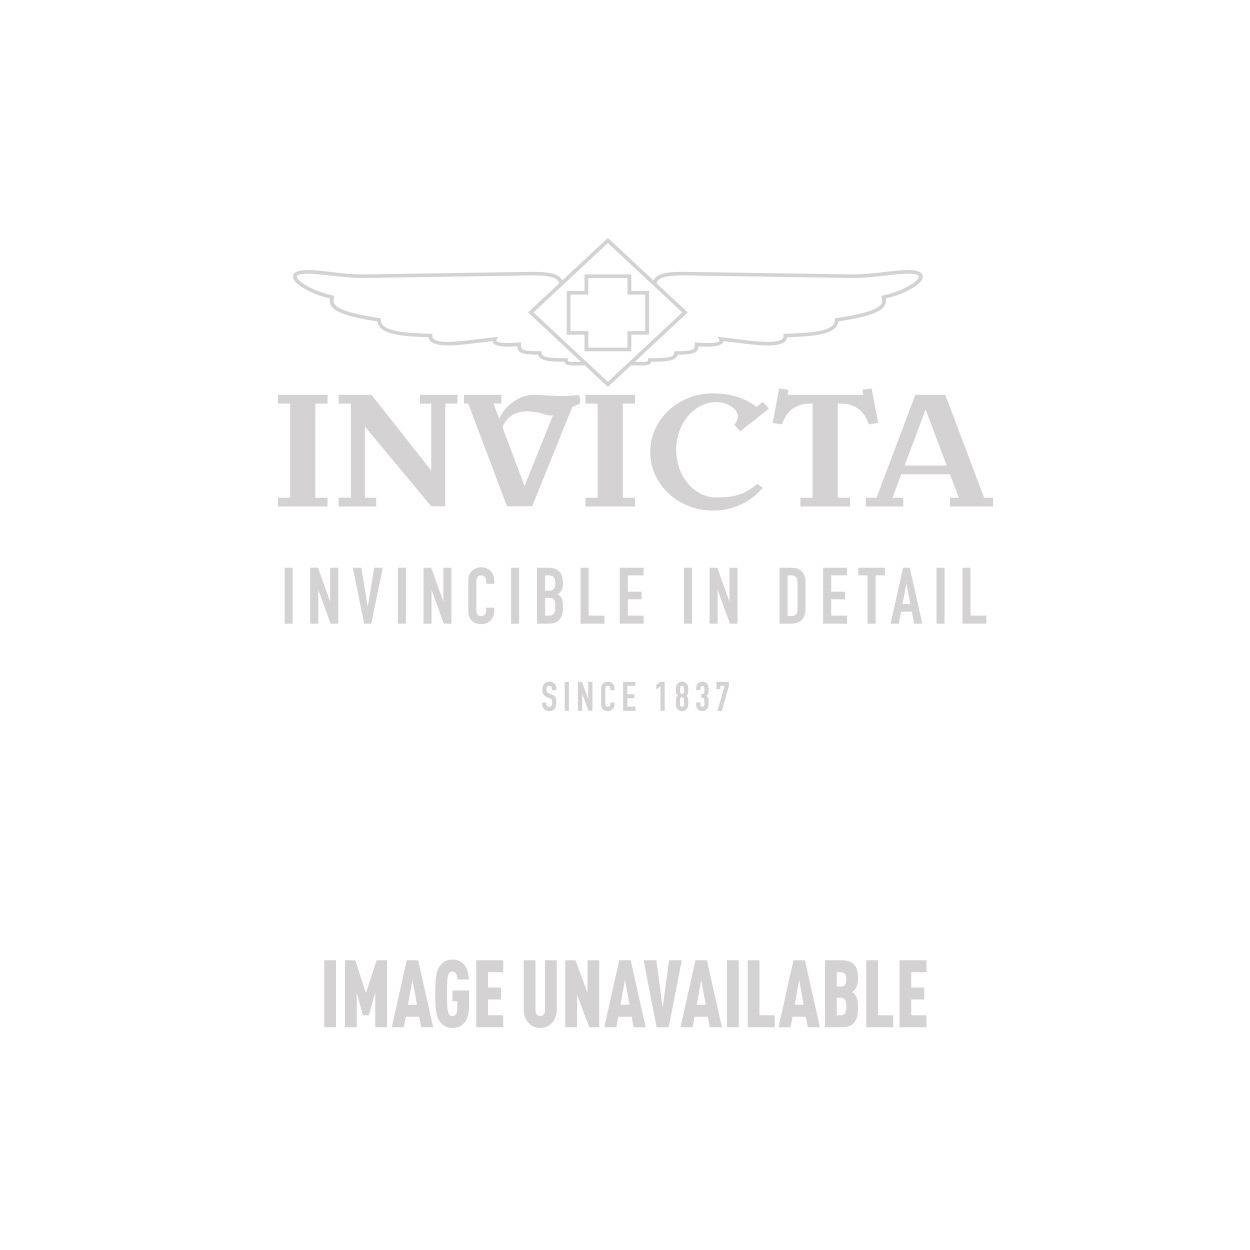 Invicta Model 28150